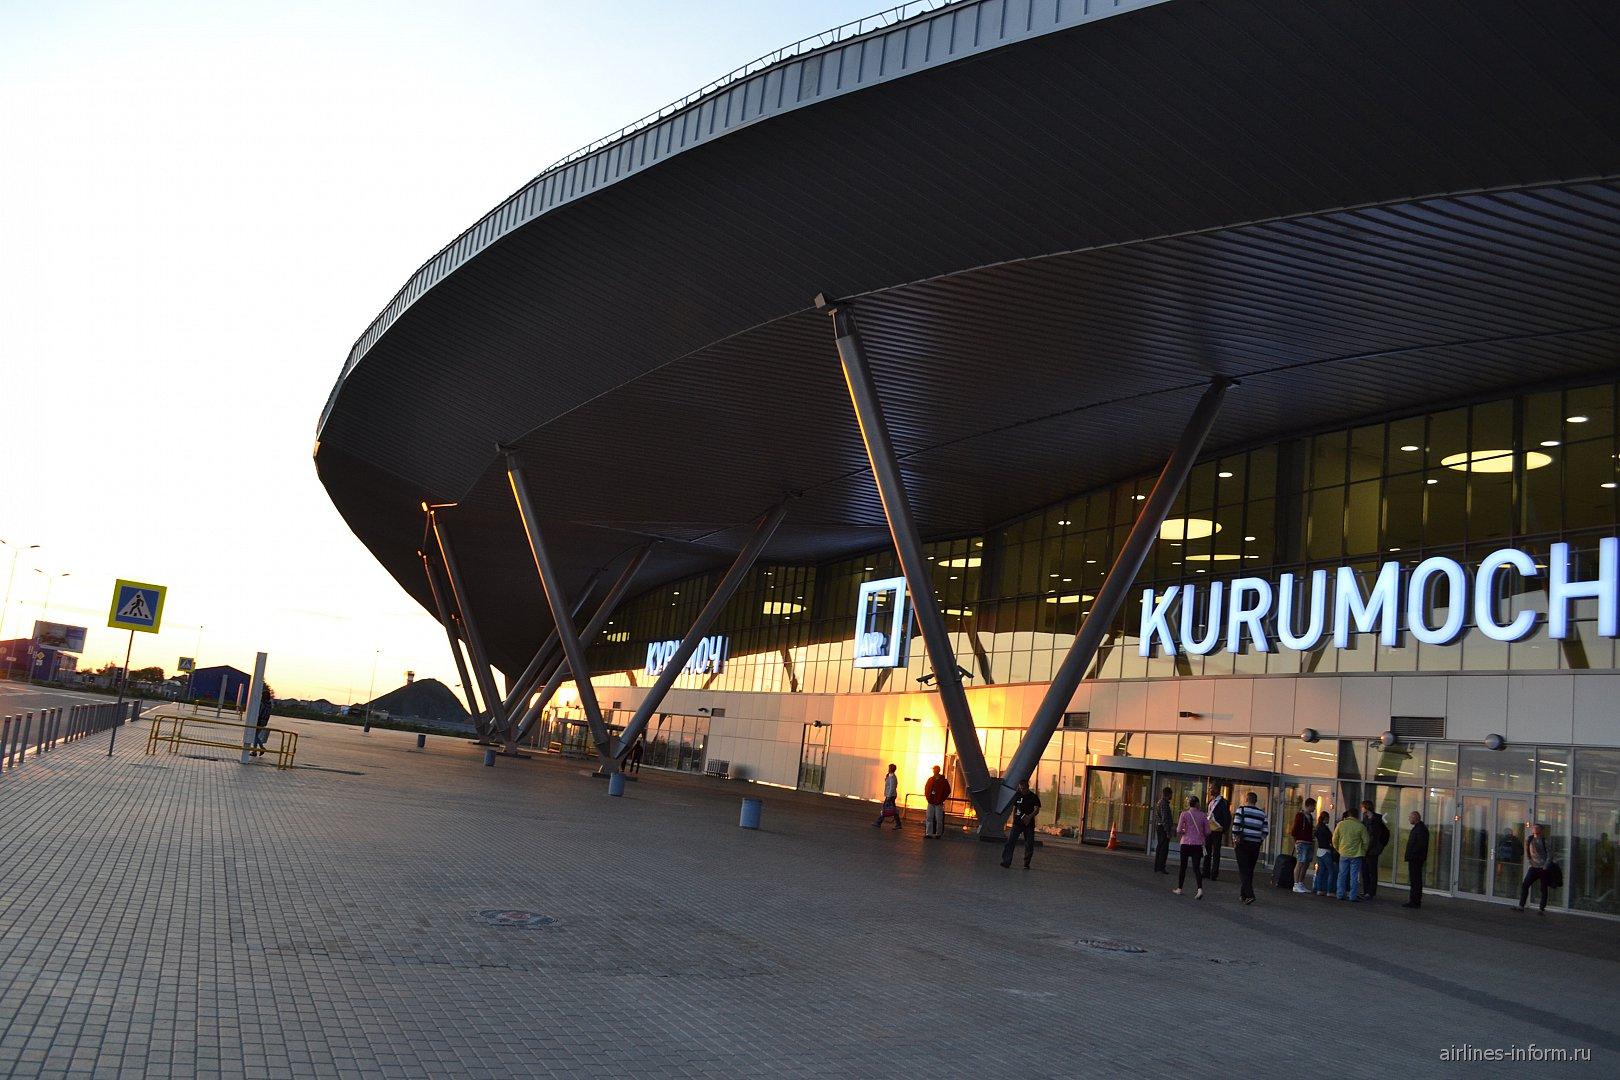 Пассажирский терминал аэропорта Курумоч на рассвете